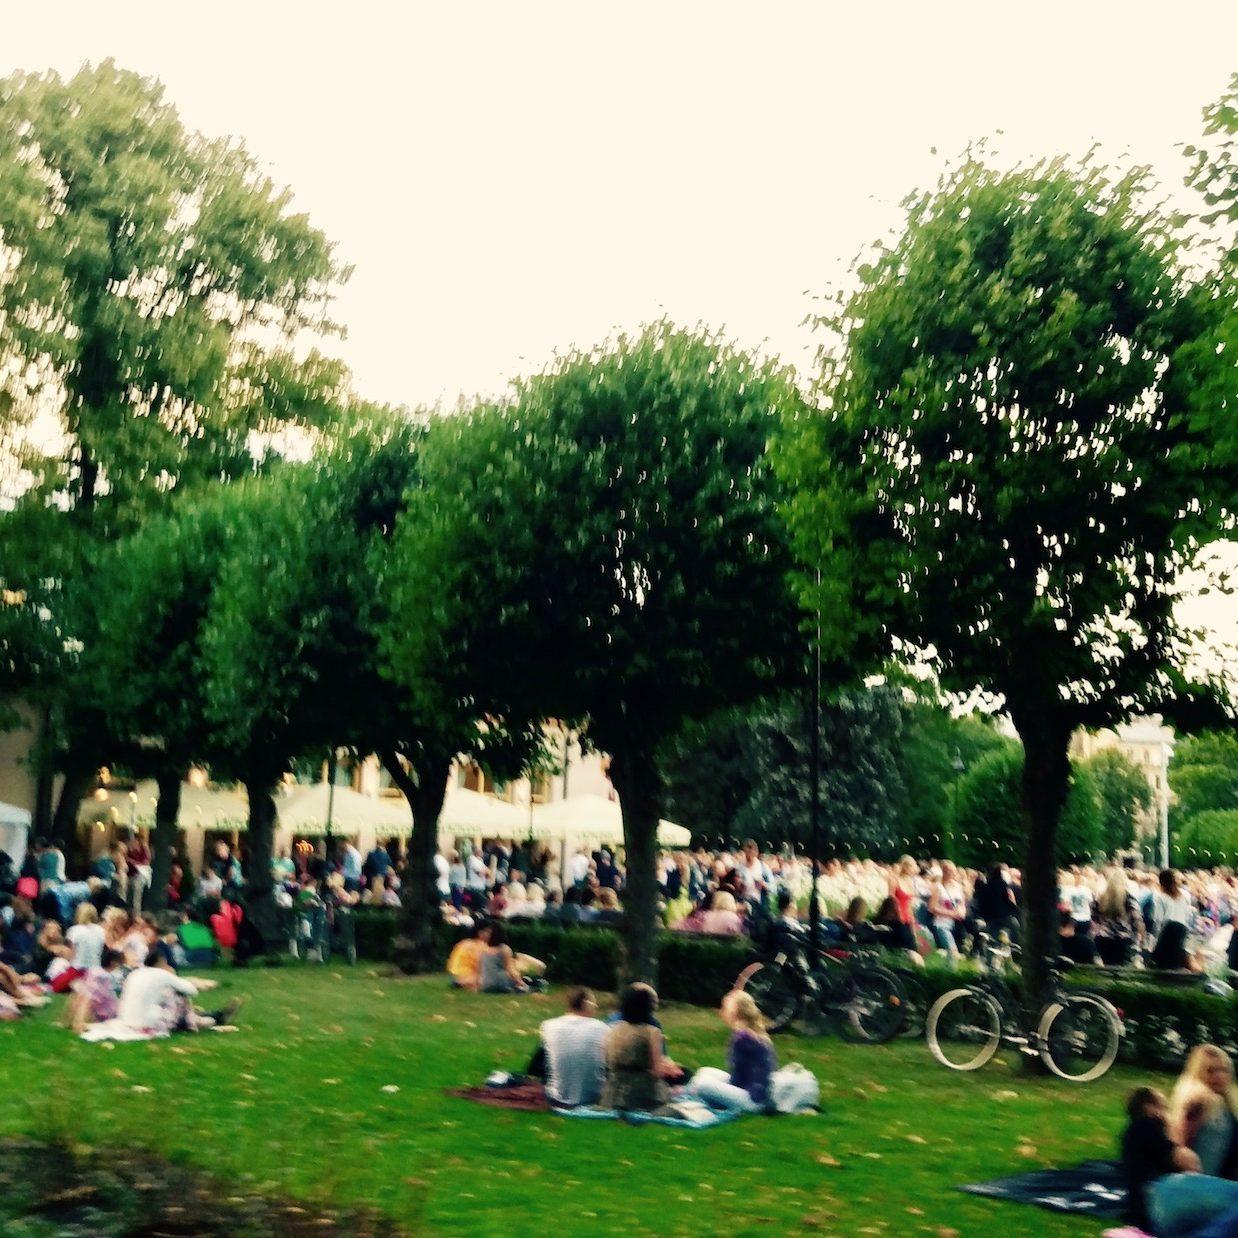 avoti-neighborhood-people-relaxing